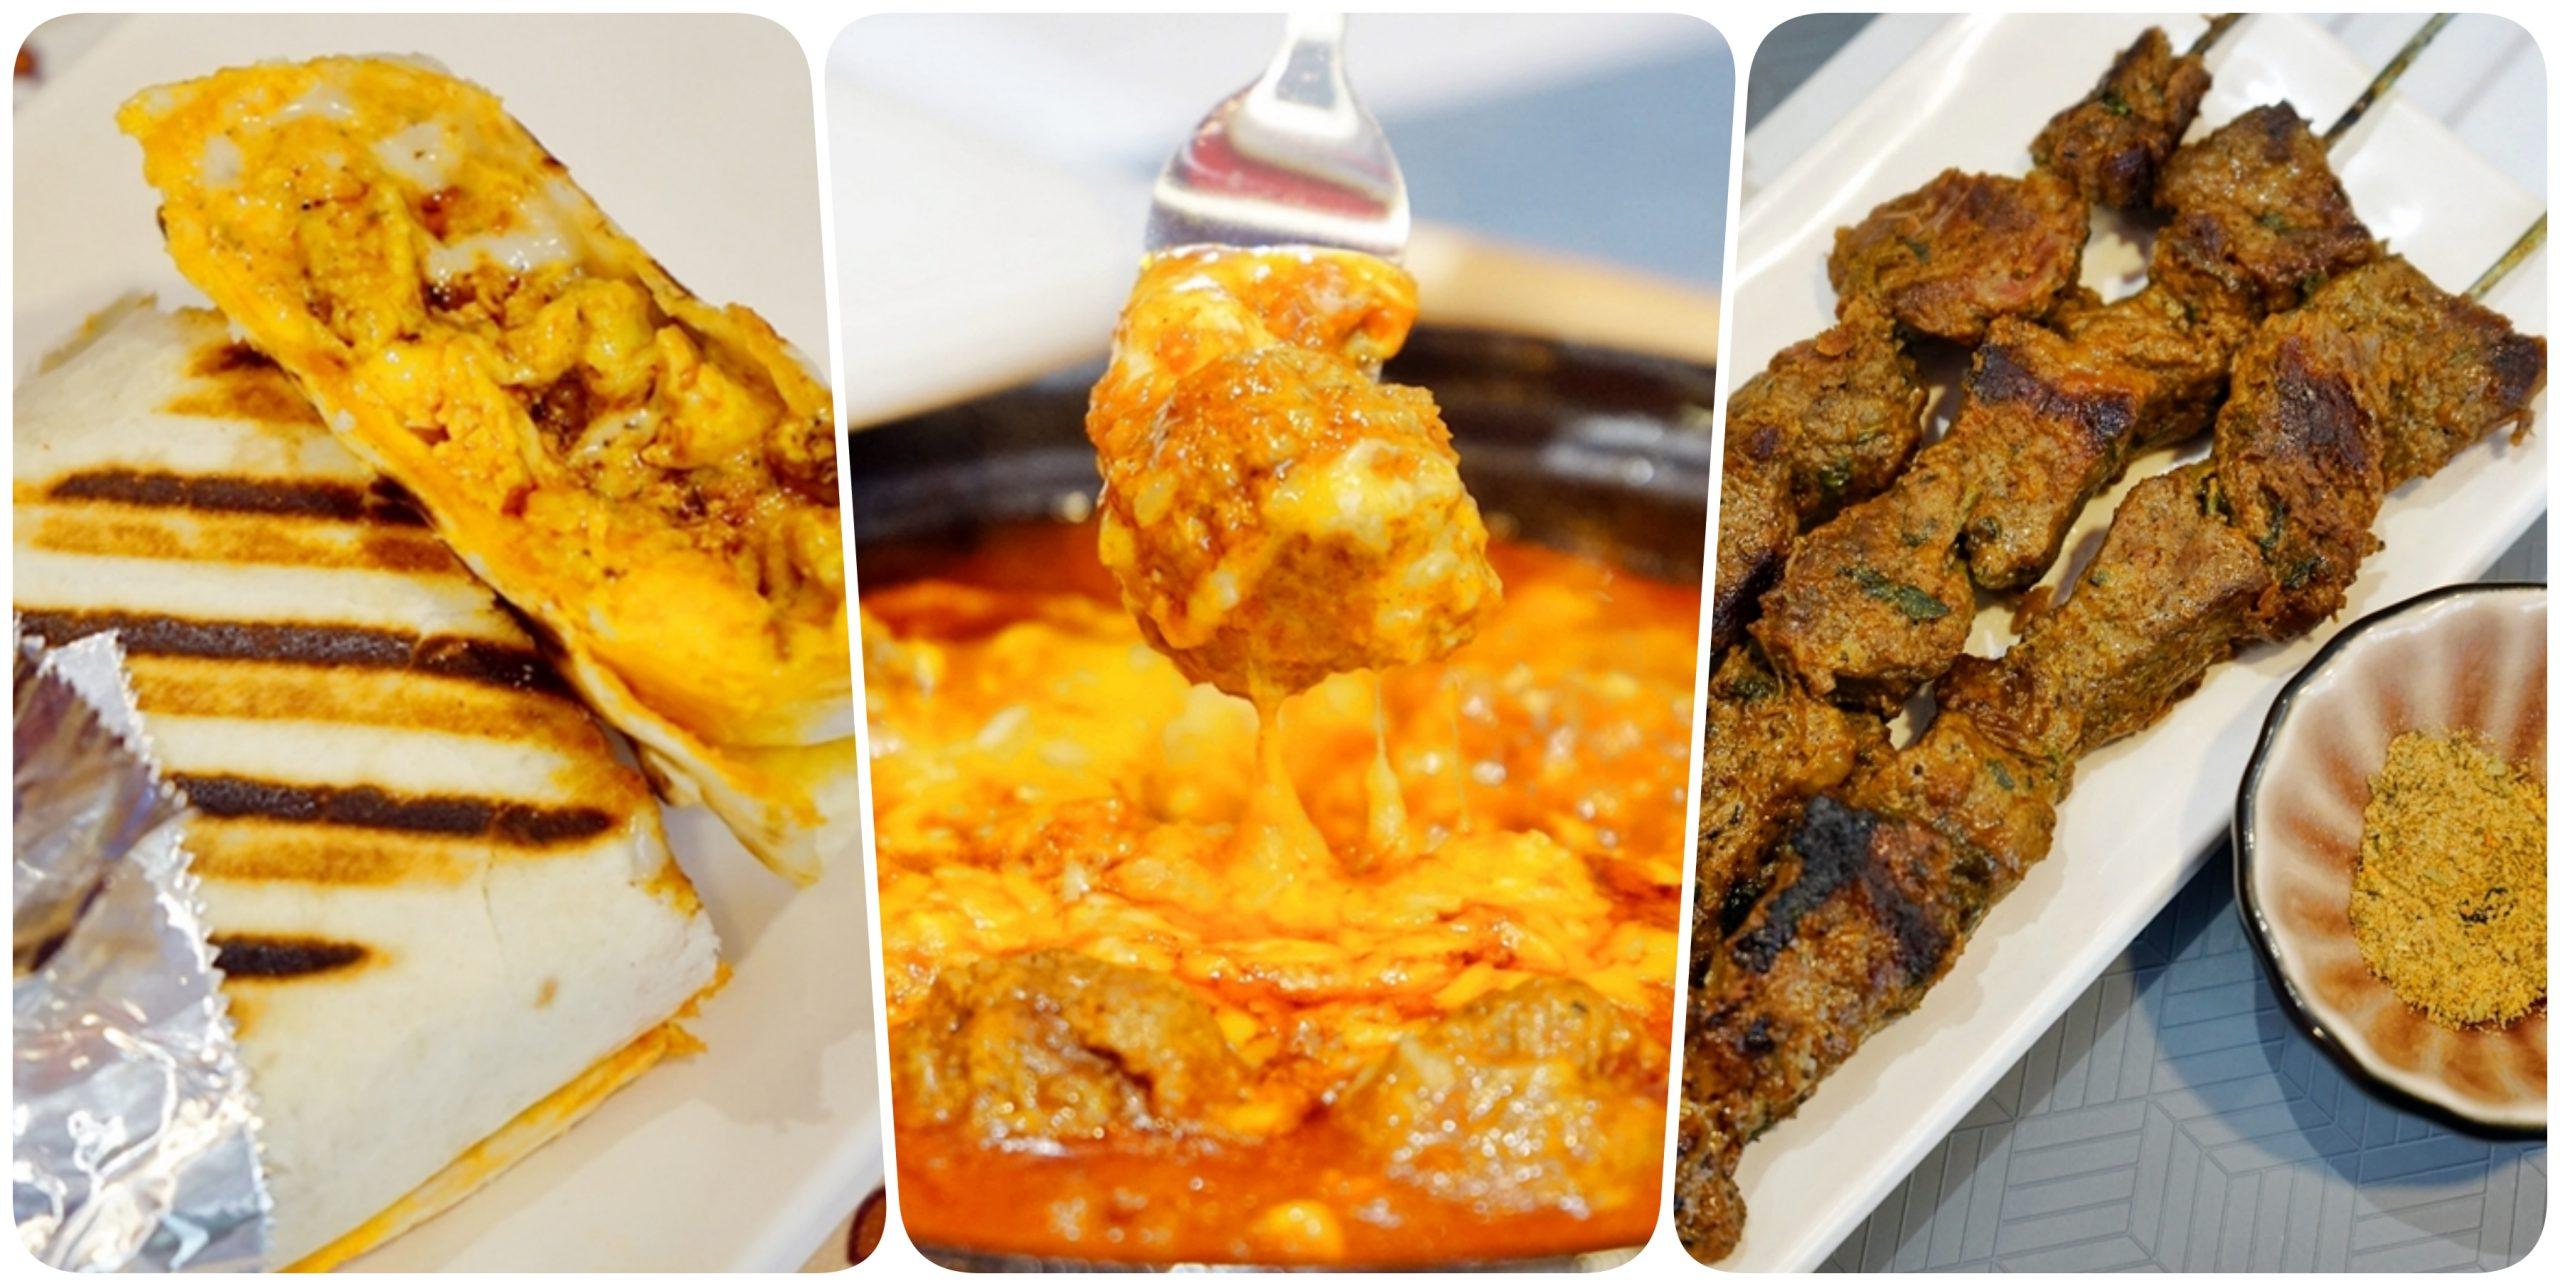 最新推播訊息:摩洛哥正宗料理屋|大湳市場周邊美食推薦 桃園第一家正宗摩洛哥料理在八德!不用出國也能吃到來自撒哈拉沙漠主廚的手作傳統料理。